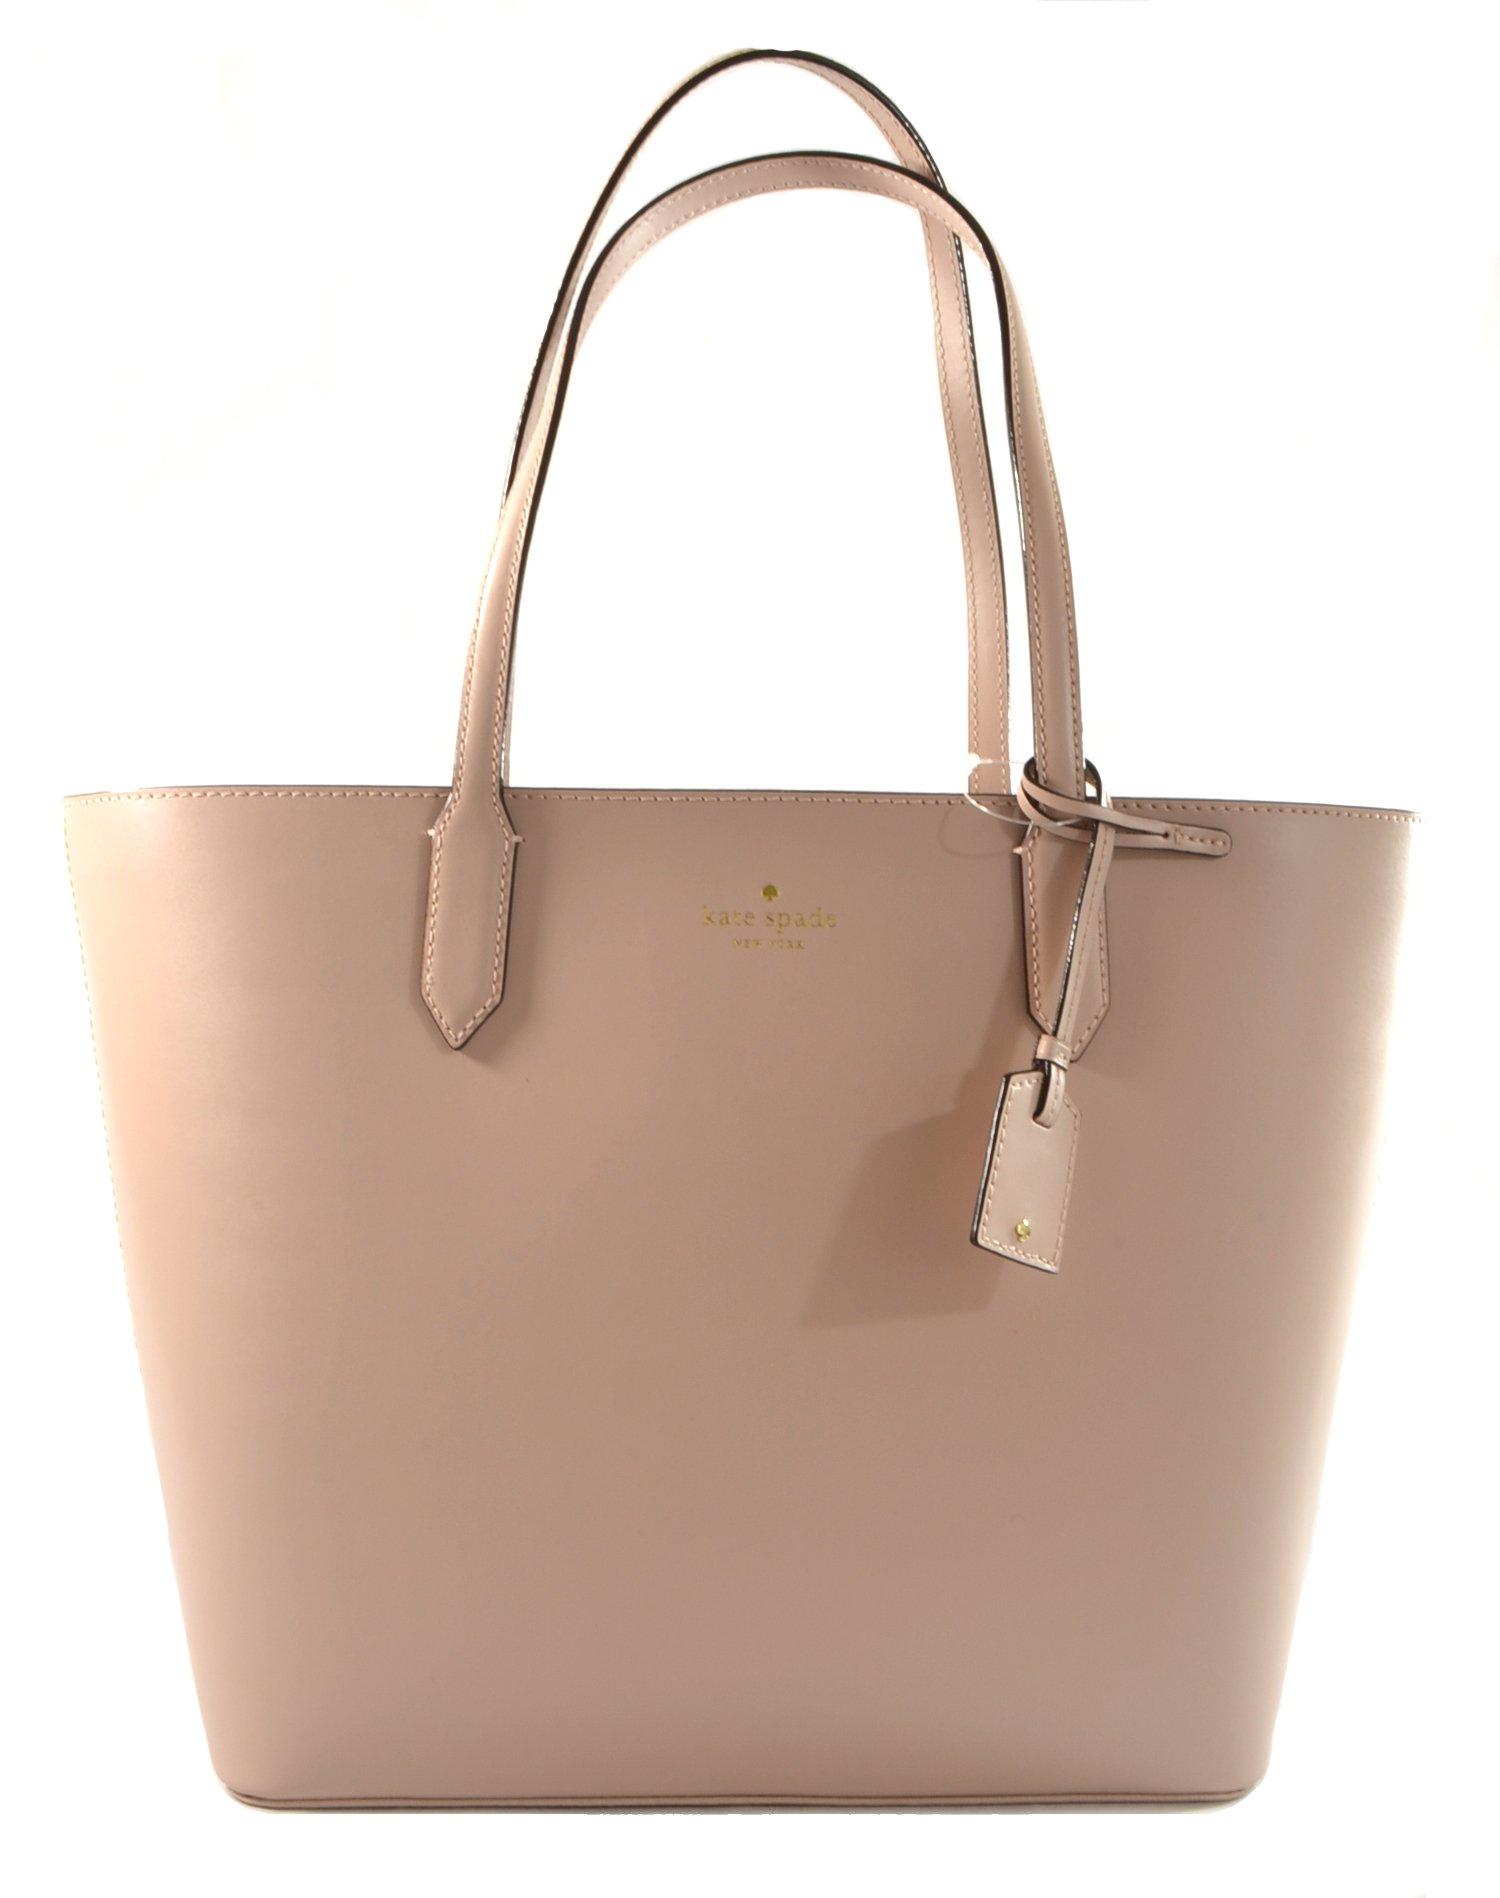 Kate Spade Lucia Bell Street Leather Tote Shoulder Bag Purse Handbag, Rose Cloud